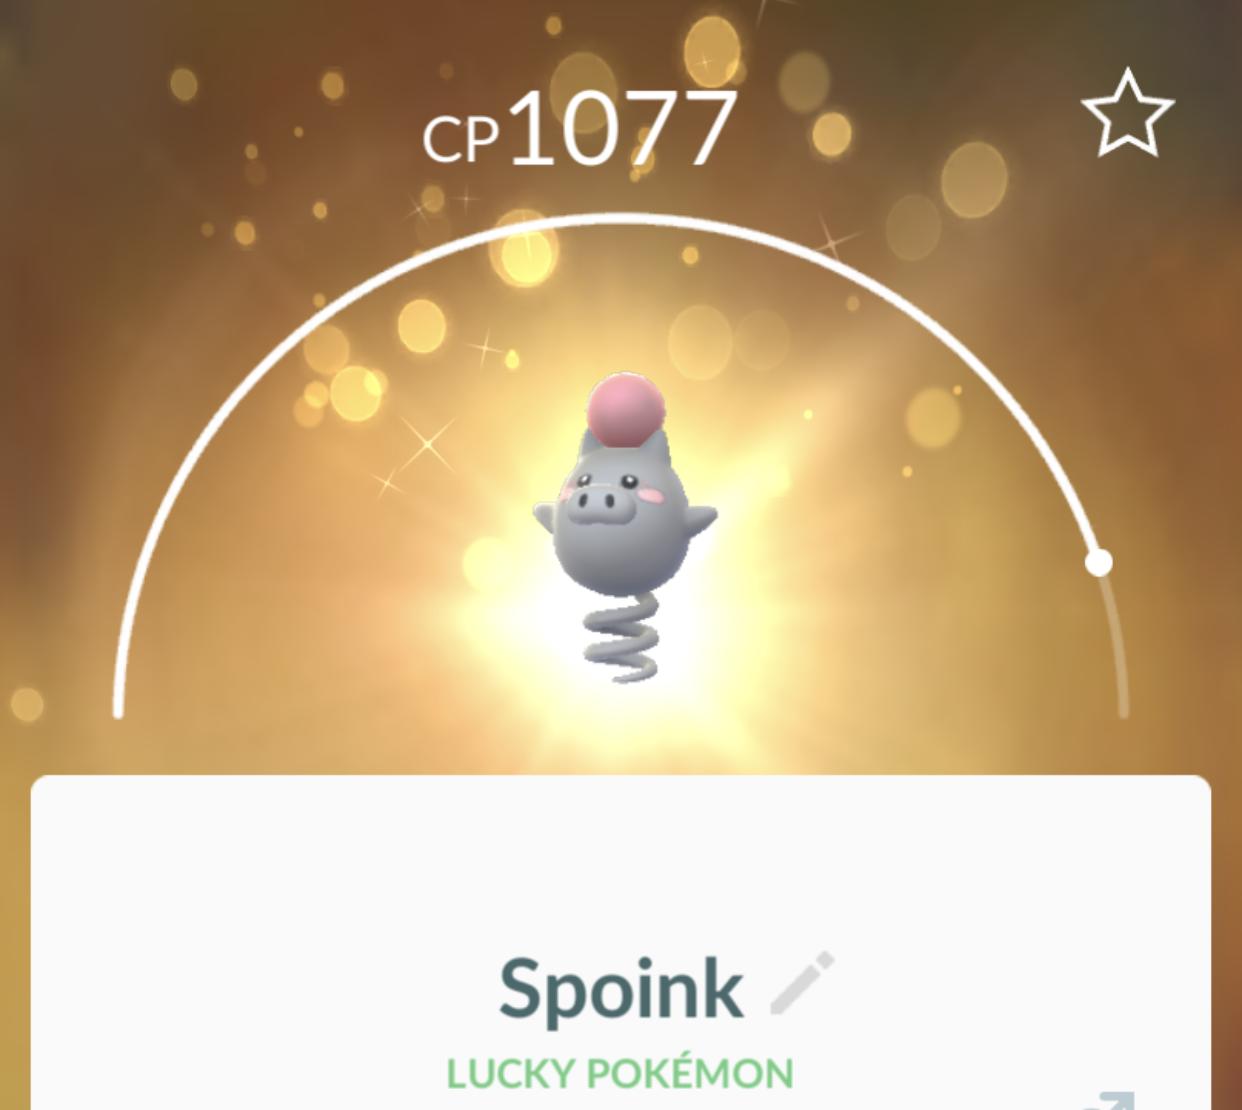 shiny spoink pokemon go